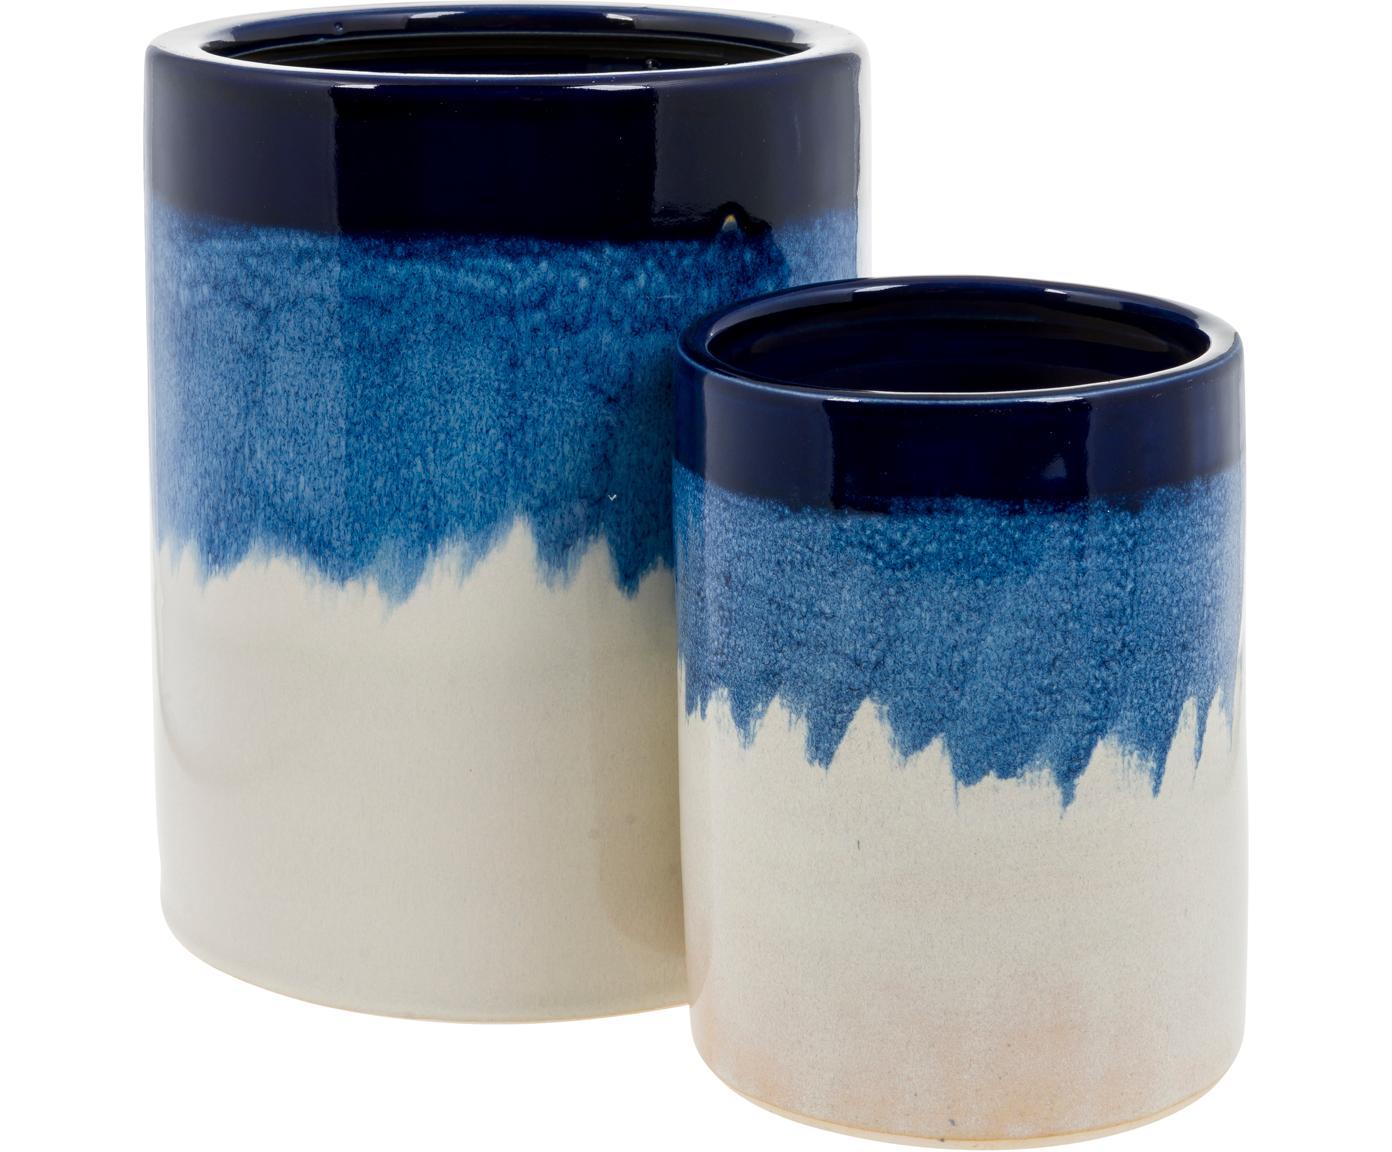 Plantenpottenset Bora van keramiek, 2-delig, Keramiek, Blauwtinten, gebroken wit, Set met verschillende formaten